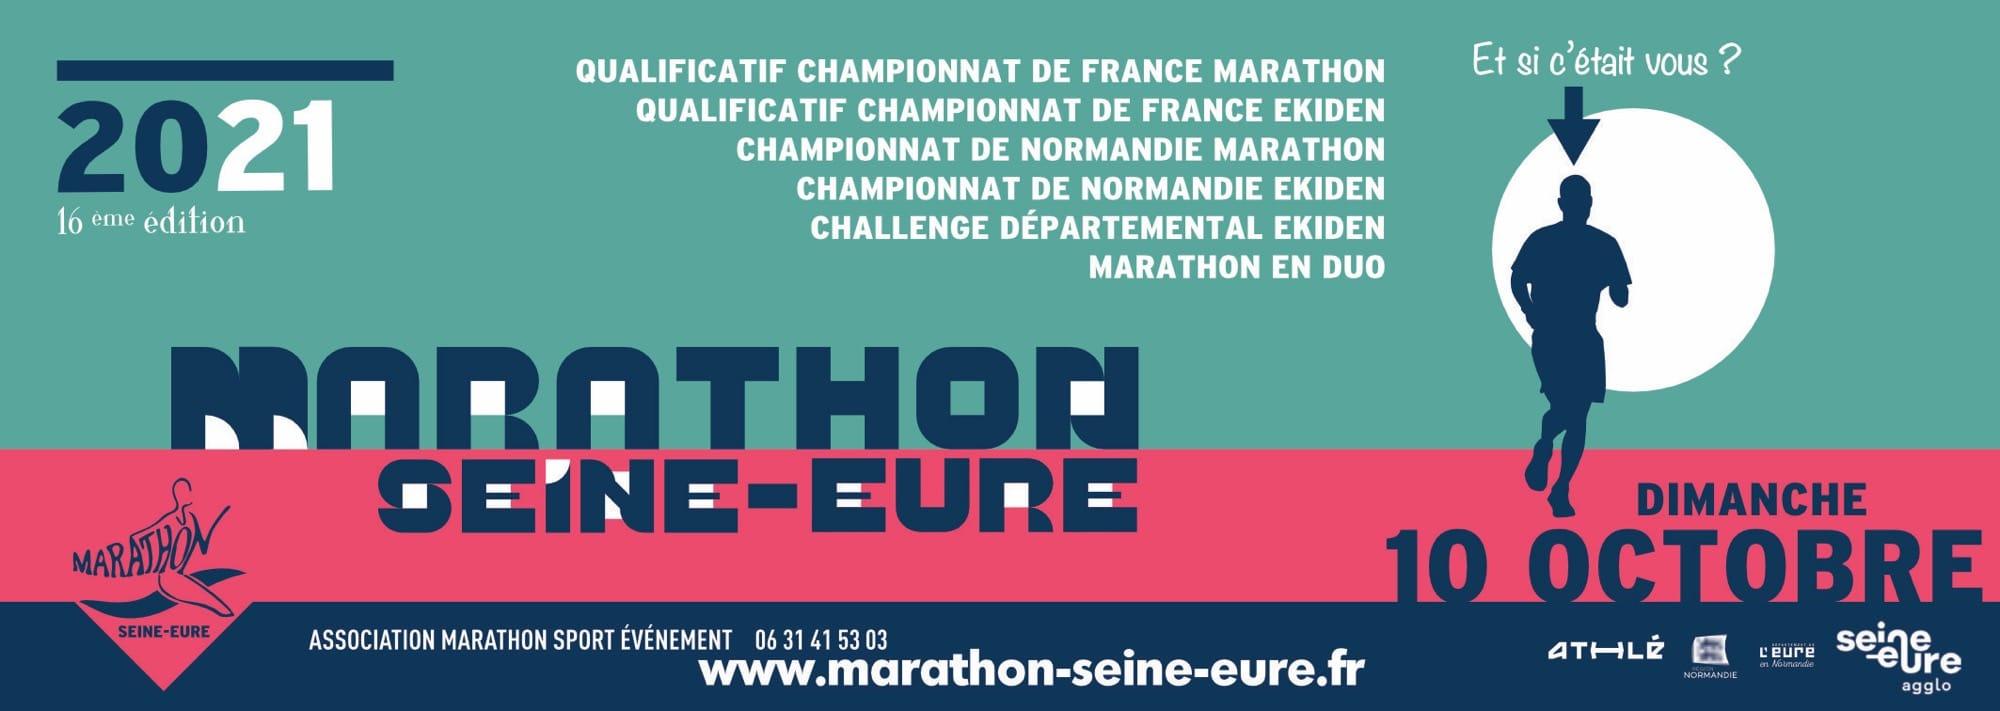 Marathon Seine Eure 10 octobre 2021